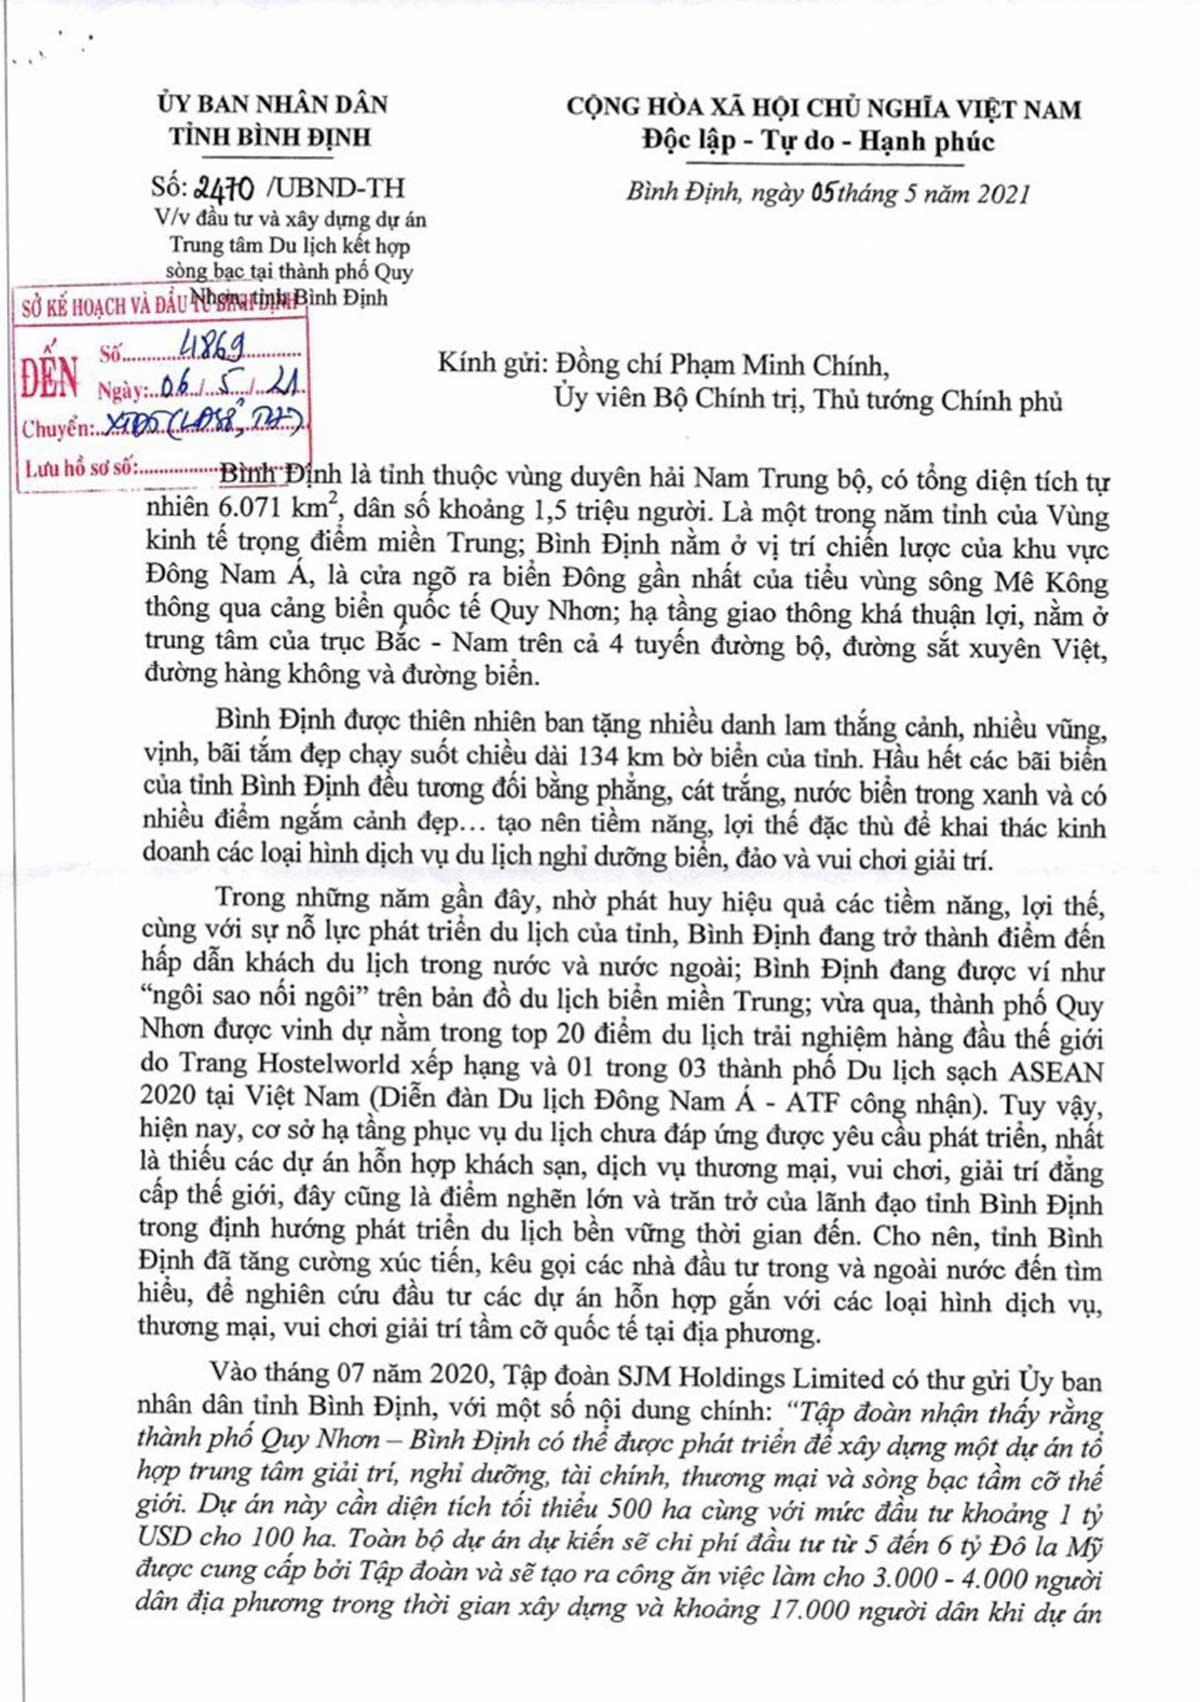 SJM Holdings Limited Xay Dung Song Bac Lon Nhat Chau A - HẢI GIANG MERRY LAND QUY NHƠN